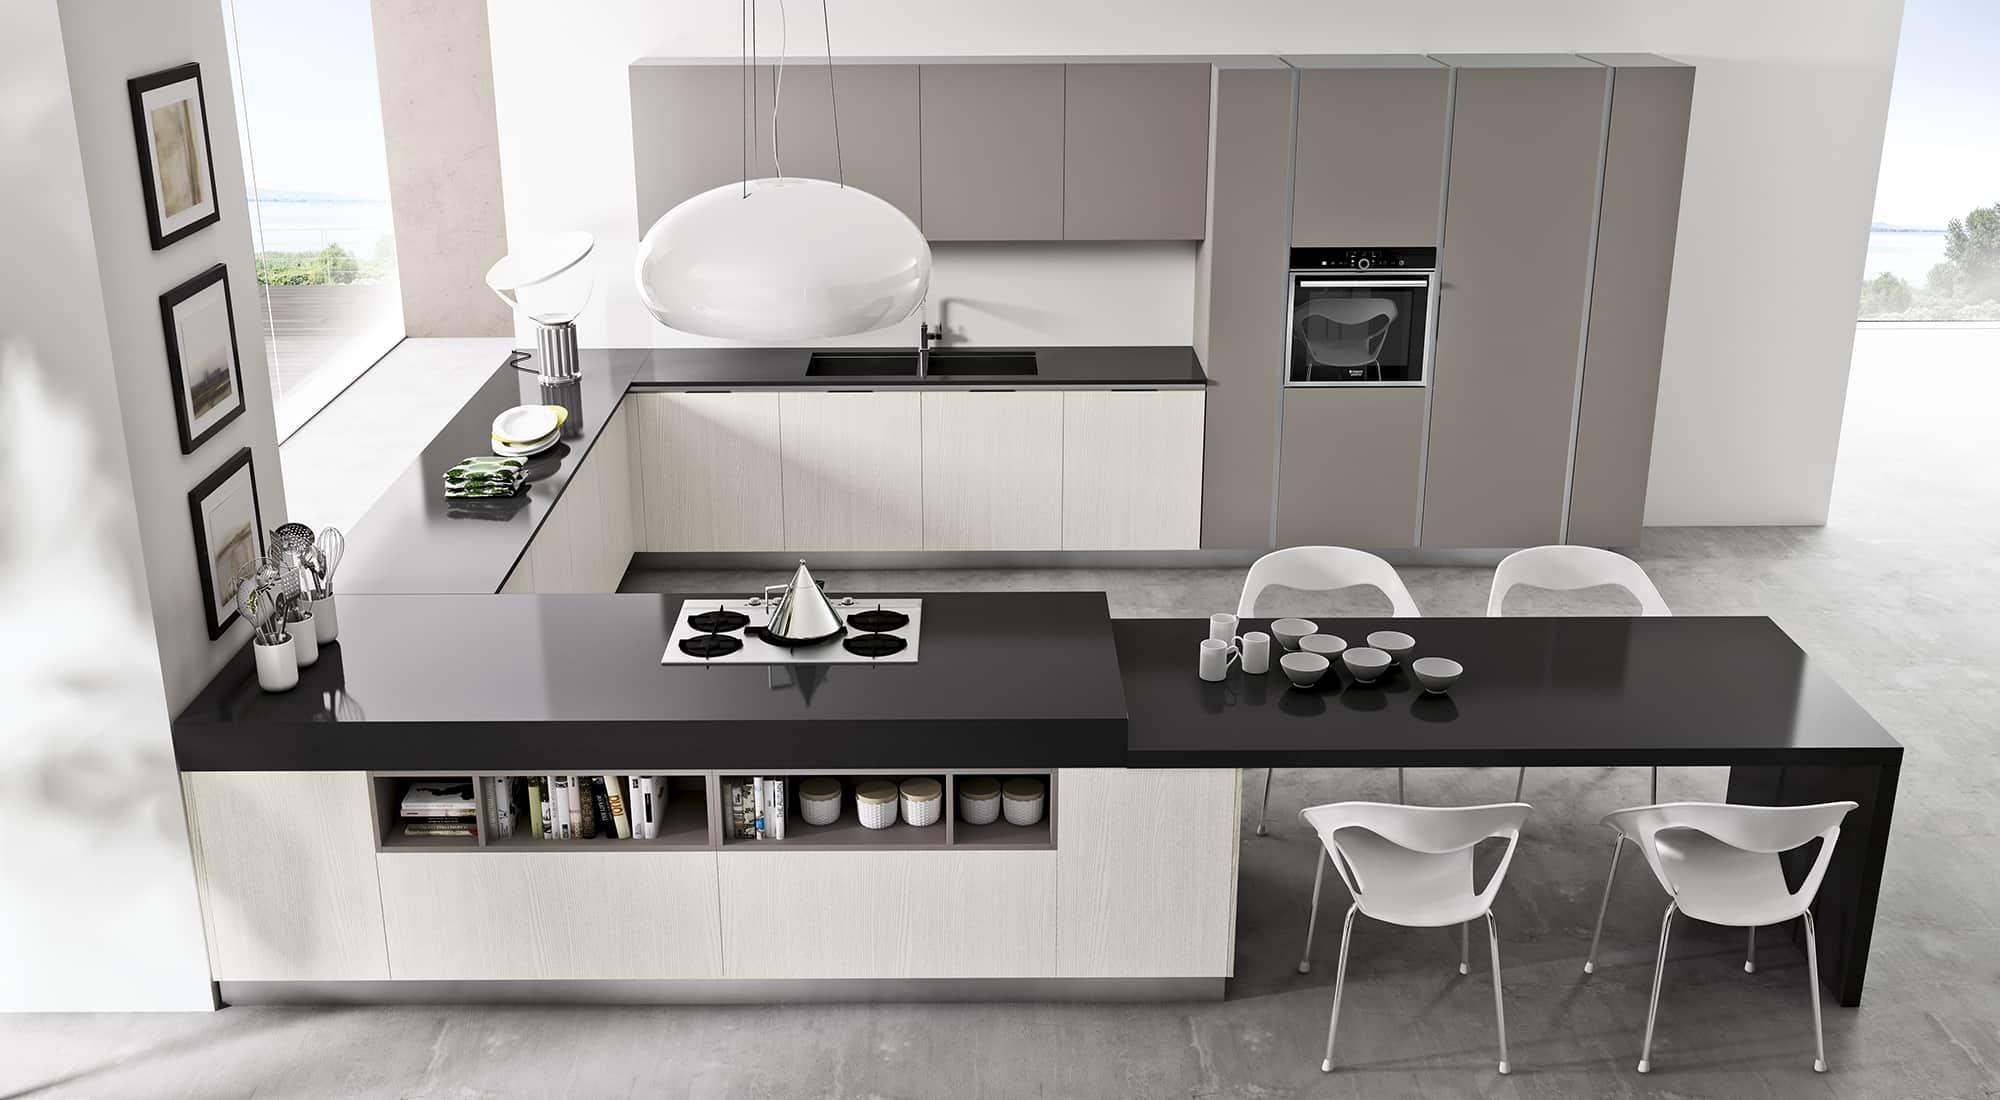 Arredamenti meneghello arredo cucina tipologie - Cucine ad angolo con penisola ...